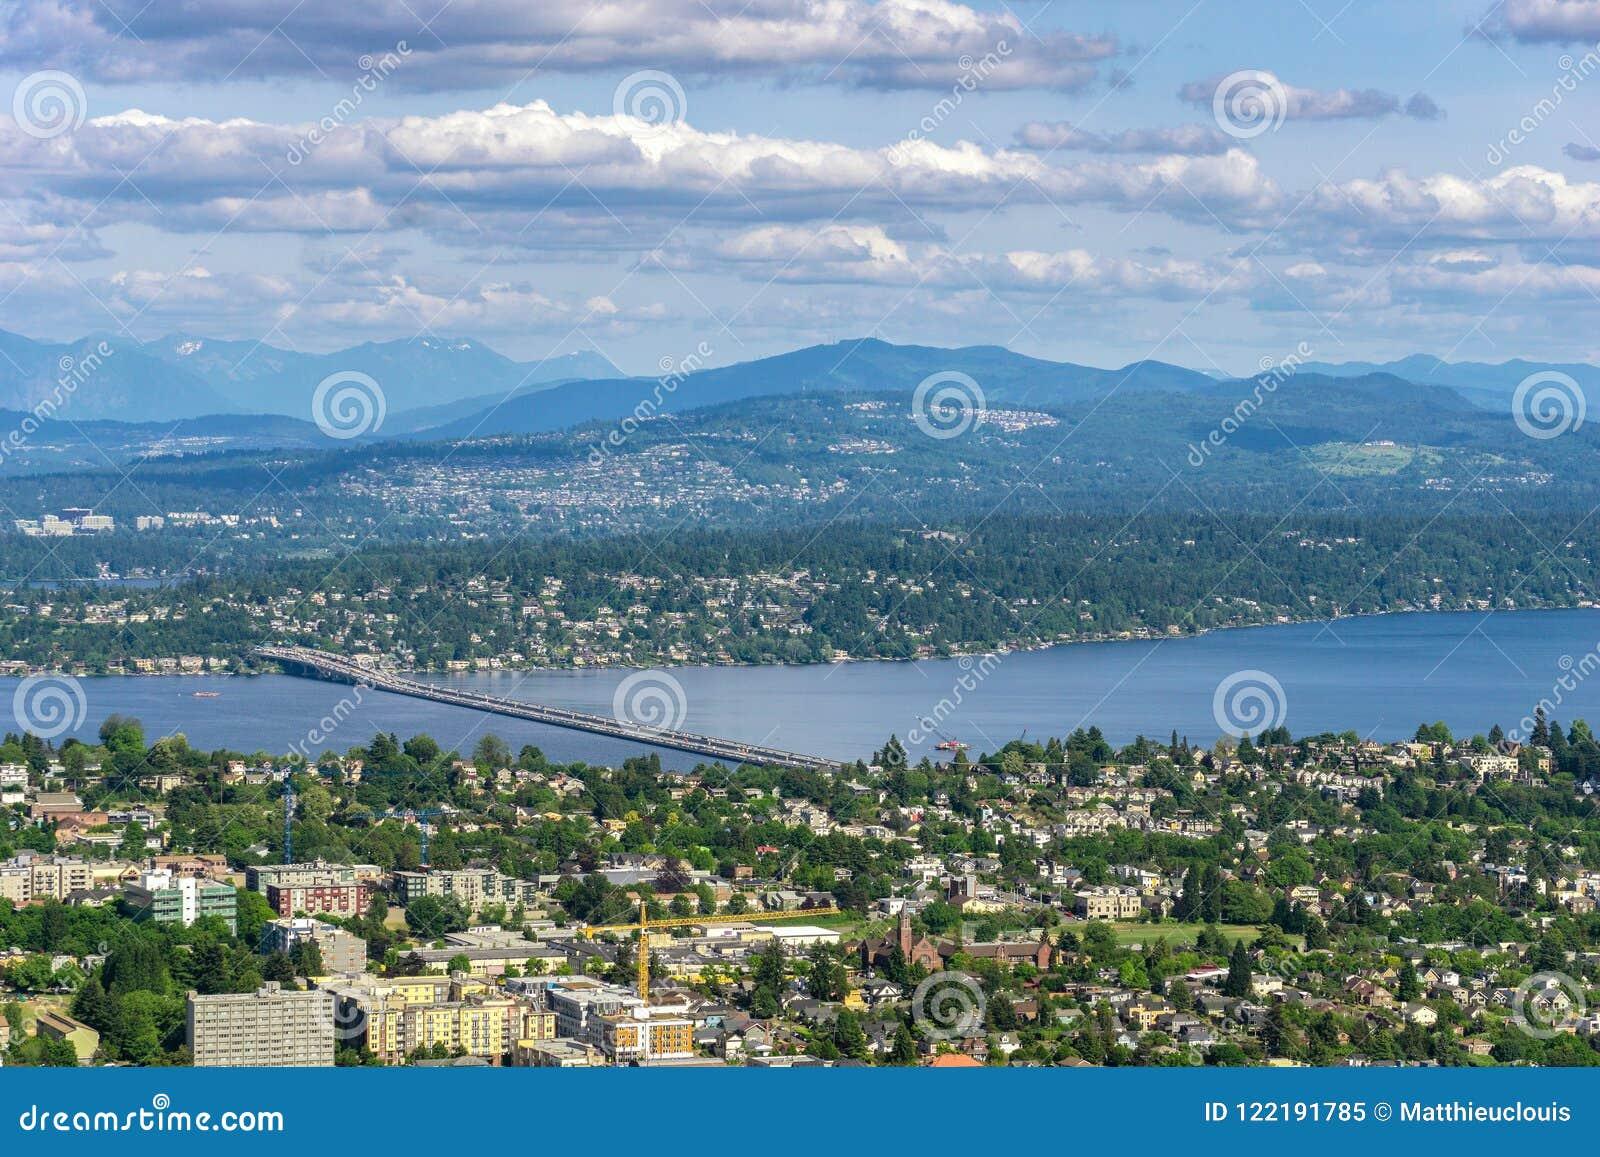 Vista aérea y remota de Seattle Leschi con el puente de encaje de V Murrow sobre el lago Washington y el sedero Island y Bellevue